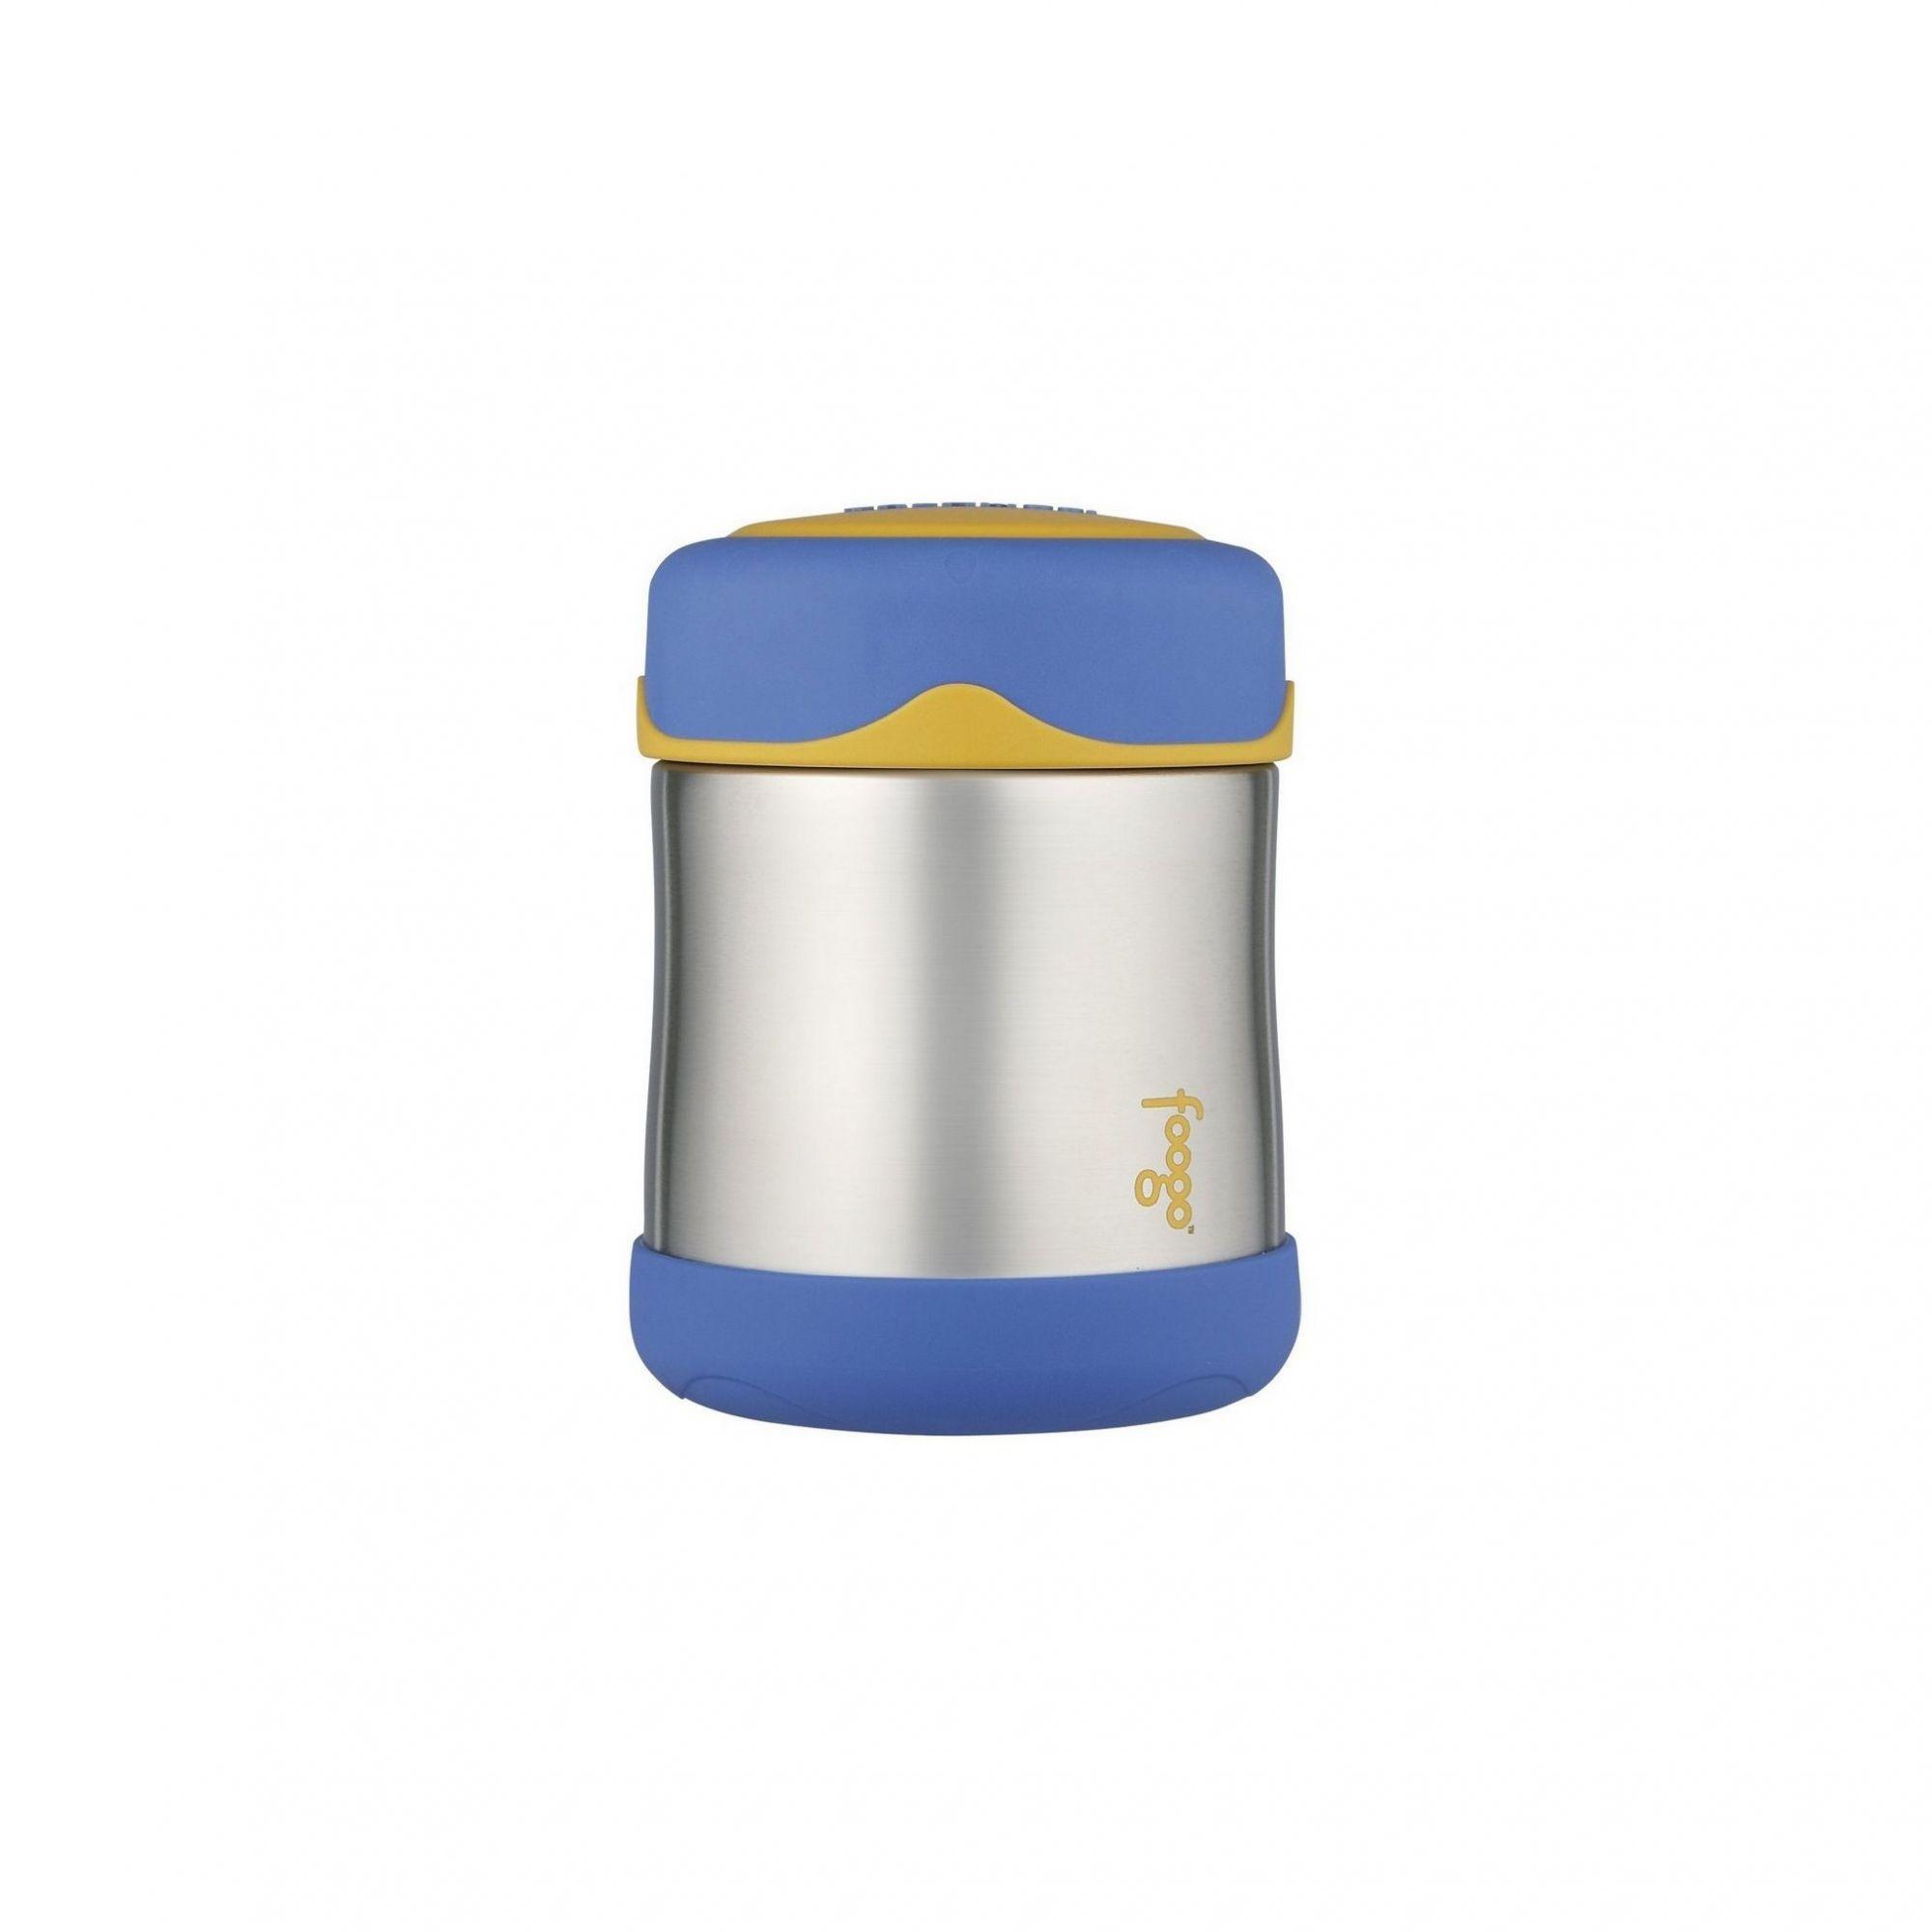 Pote Térmico Foogo Azul / Amarelo/ Inox - Thermos